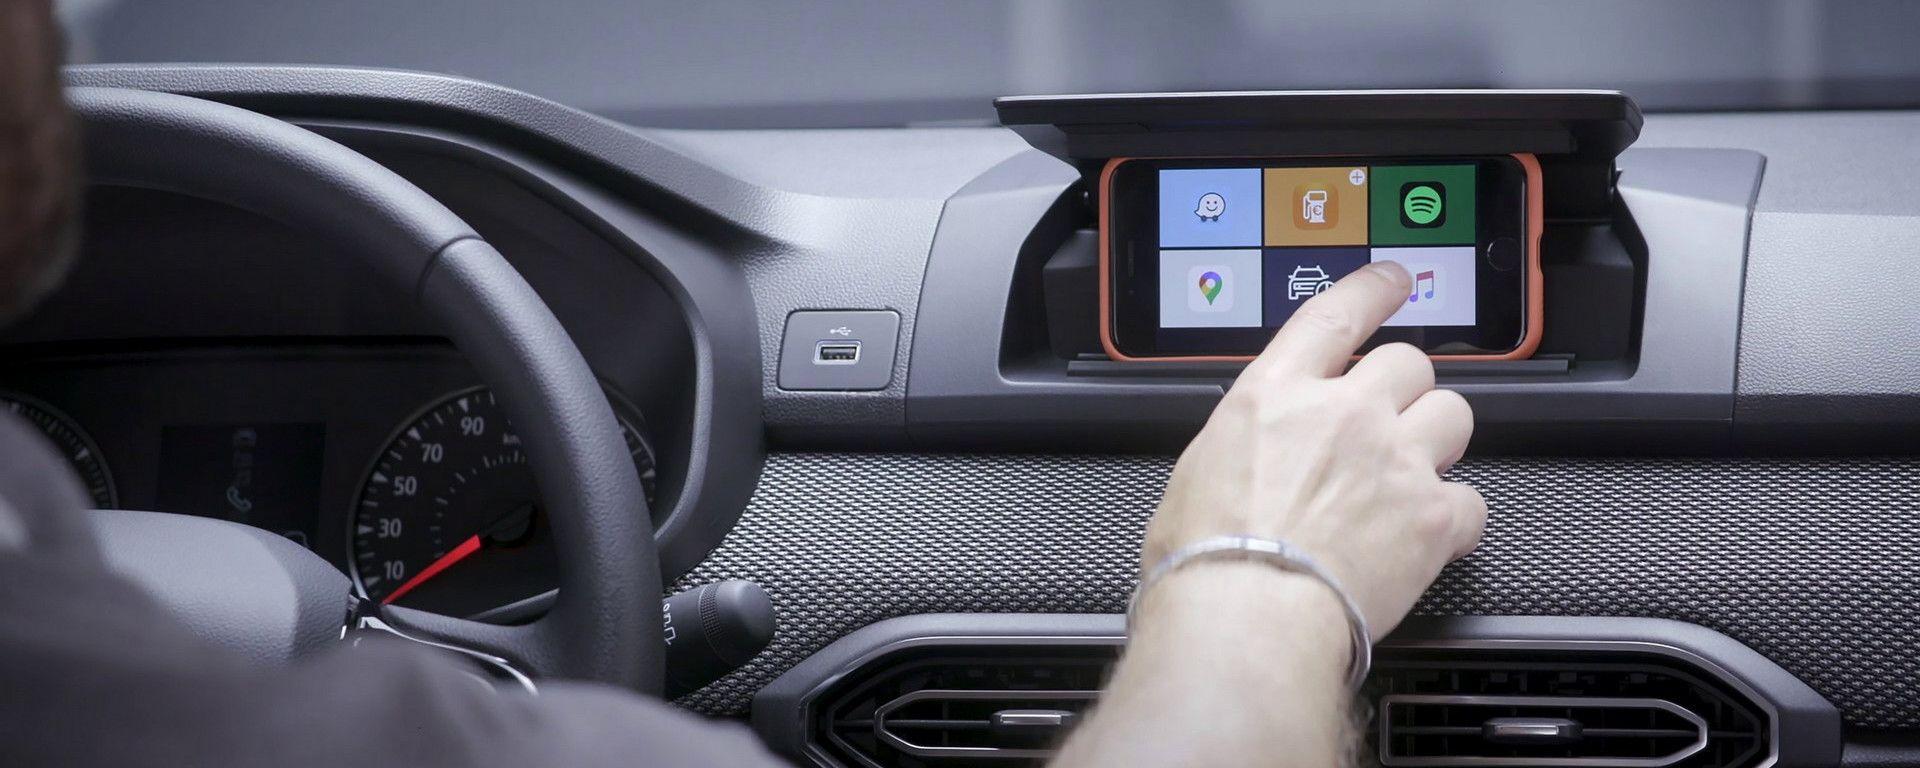 Dacia Sandero, come funziona il Media Control